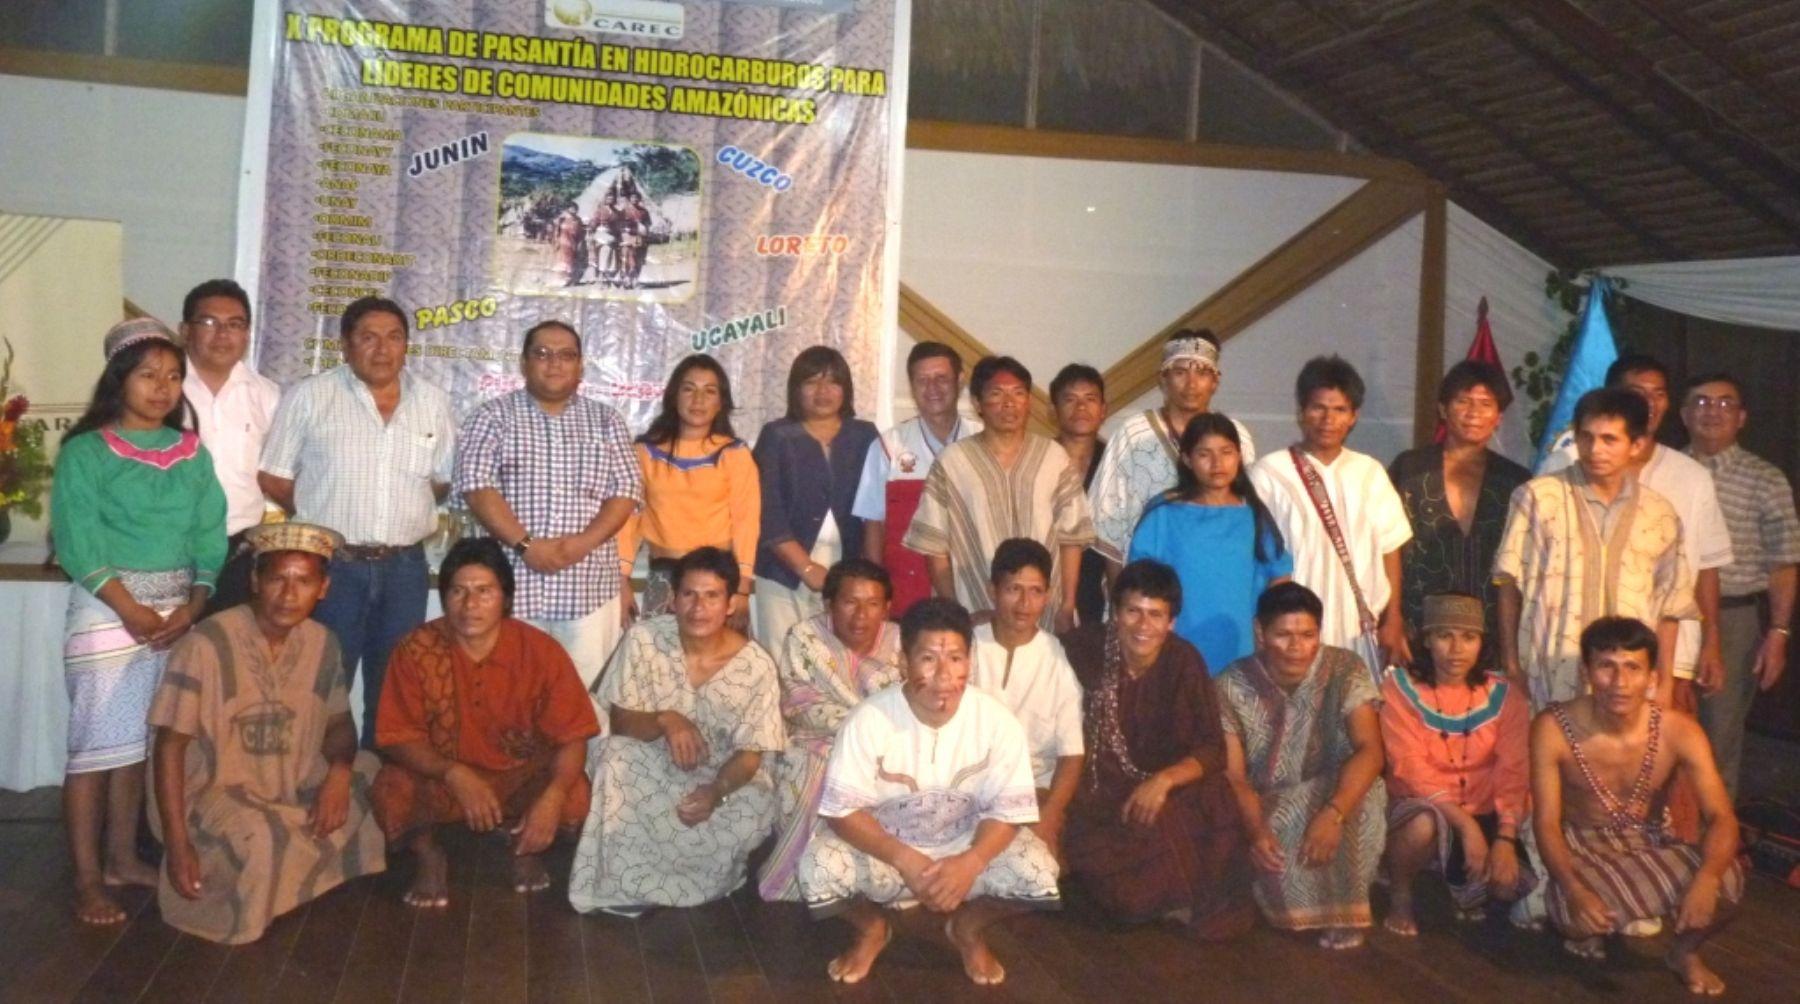 Líderes las comunidades amazónicas participan en pasantía en hidrocarburos en la ciudad de Pucallpa (Ucayali). Foto: MEM.